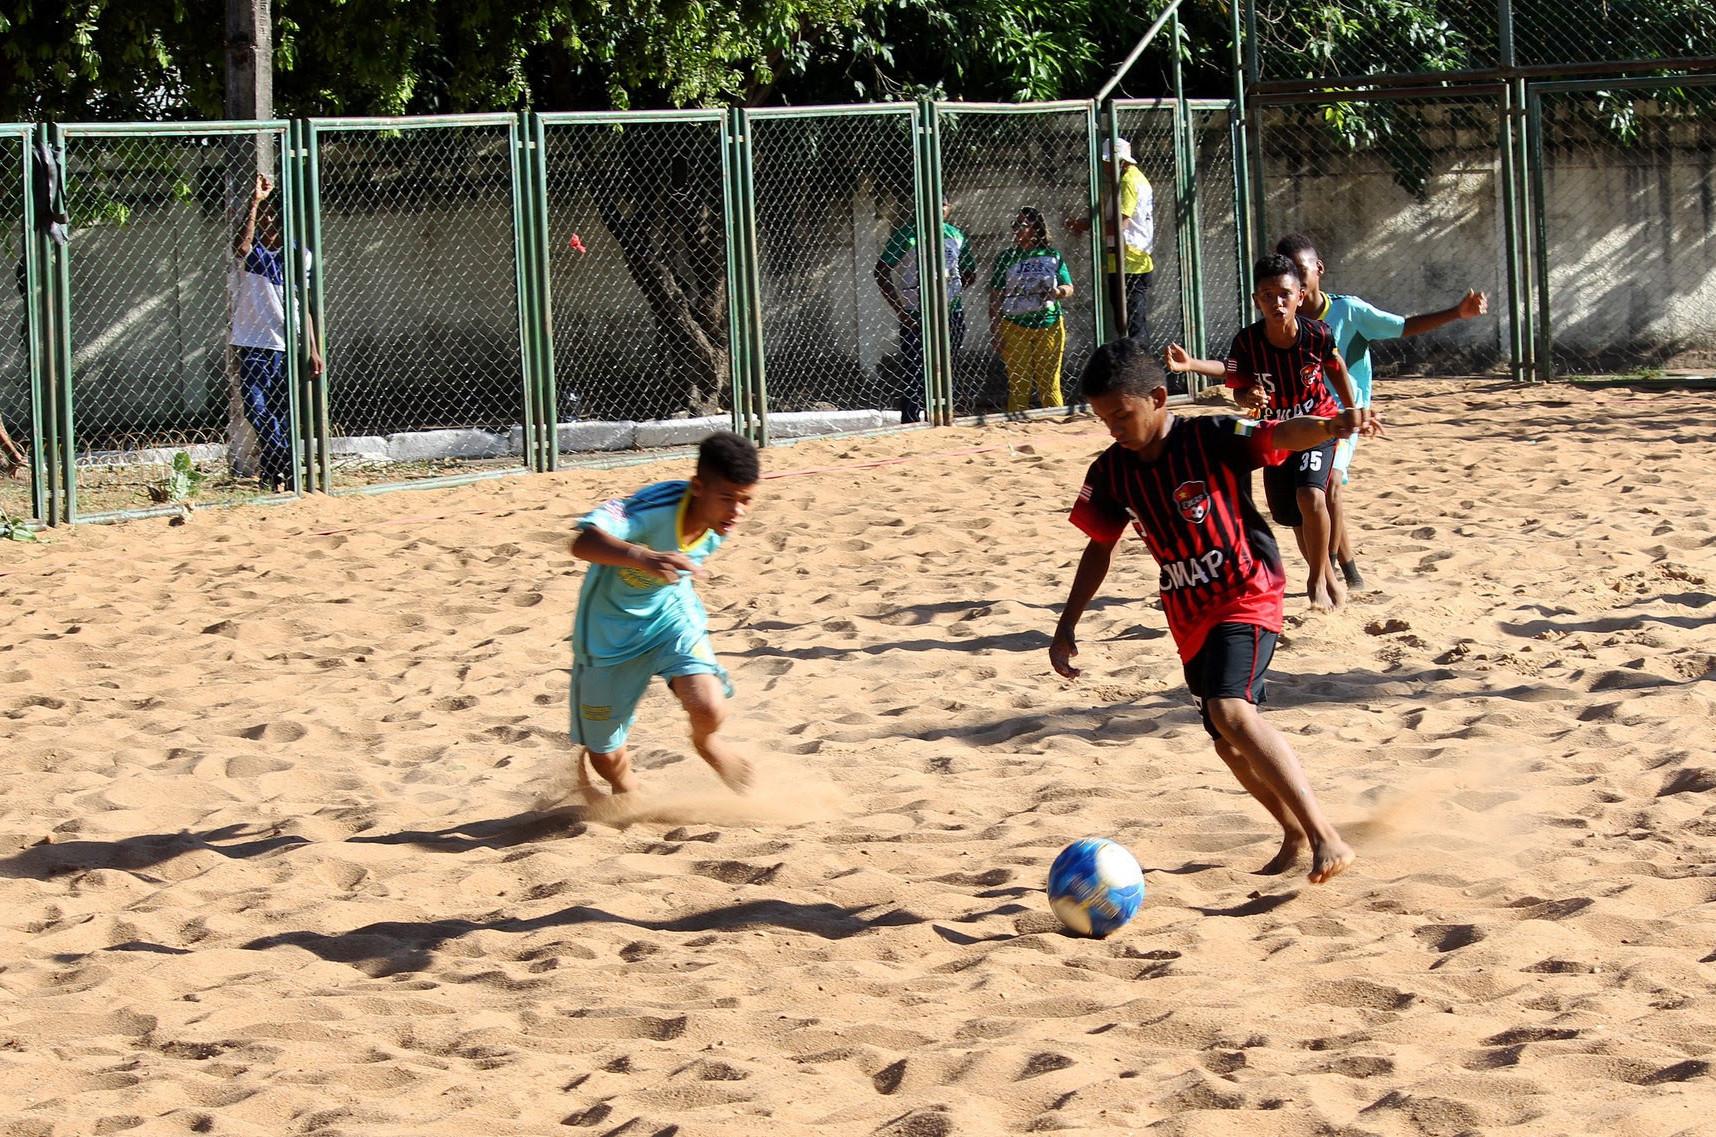 Campeonato Escolar Maranhense acontece de 20 a 26 de setembro, em São Luís. (Foto: Patricia Araújo)